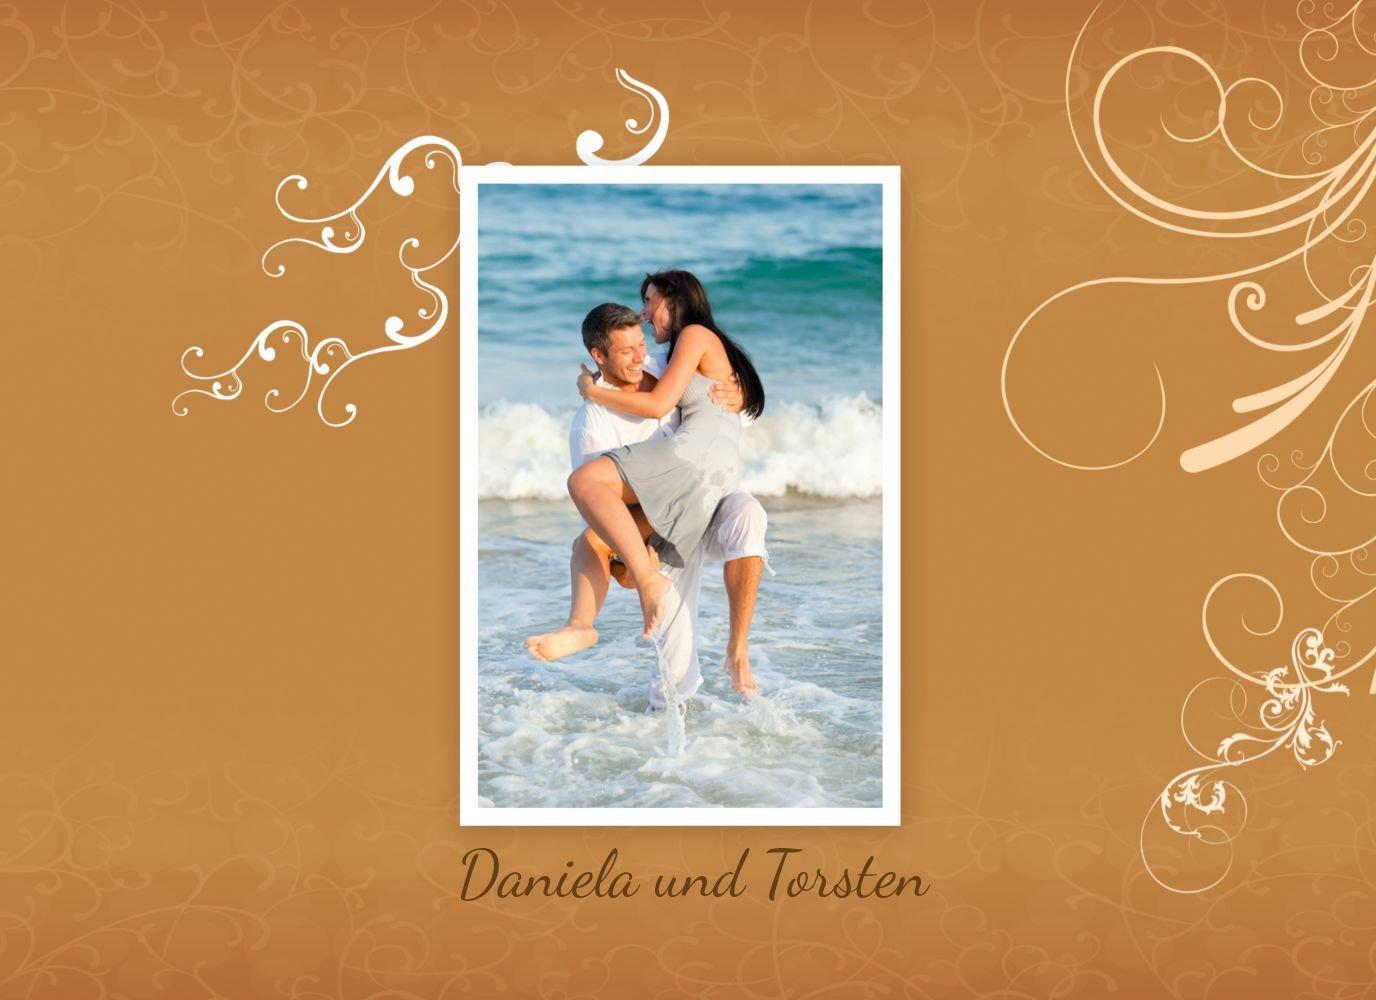 Kartenparadies Hochzeitskarte Hochzeit Einladung butterfly, hochwertige hochwertige hochwertige Einladung zur Heirat inklusive Umschläge   10 Karten - (Format  148x105 mm) Farbe  Lila B01MUD26OO | Elegante Form  | Verpackungsvielfalt  | Kaufen  f4dcbd